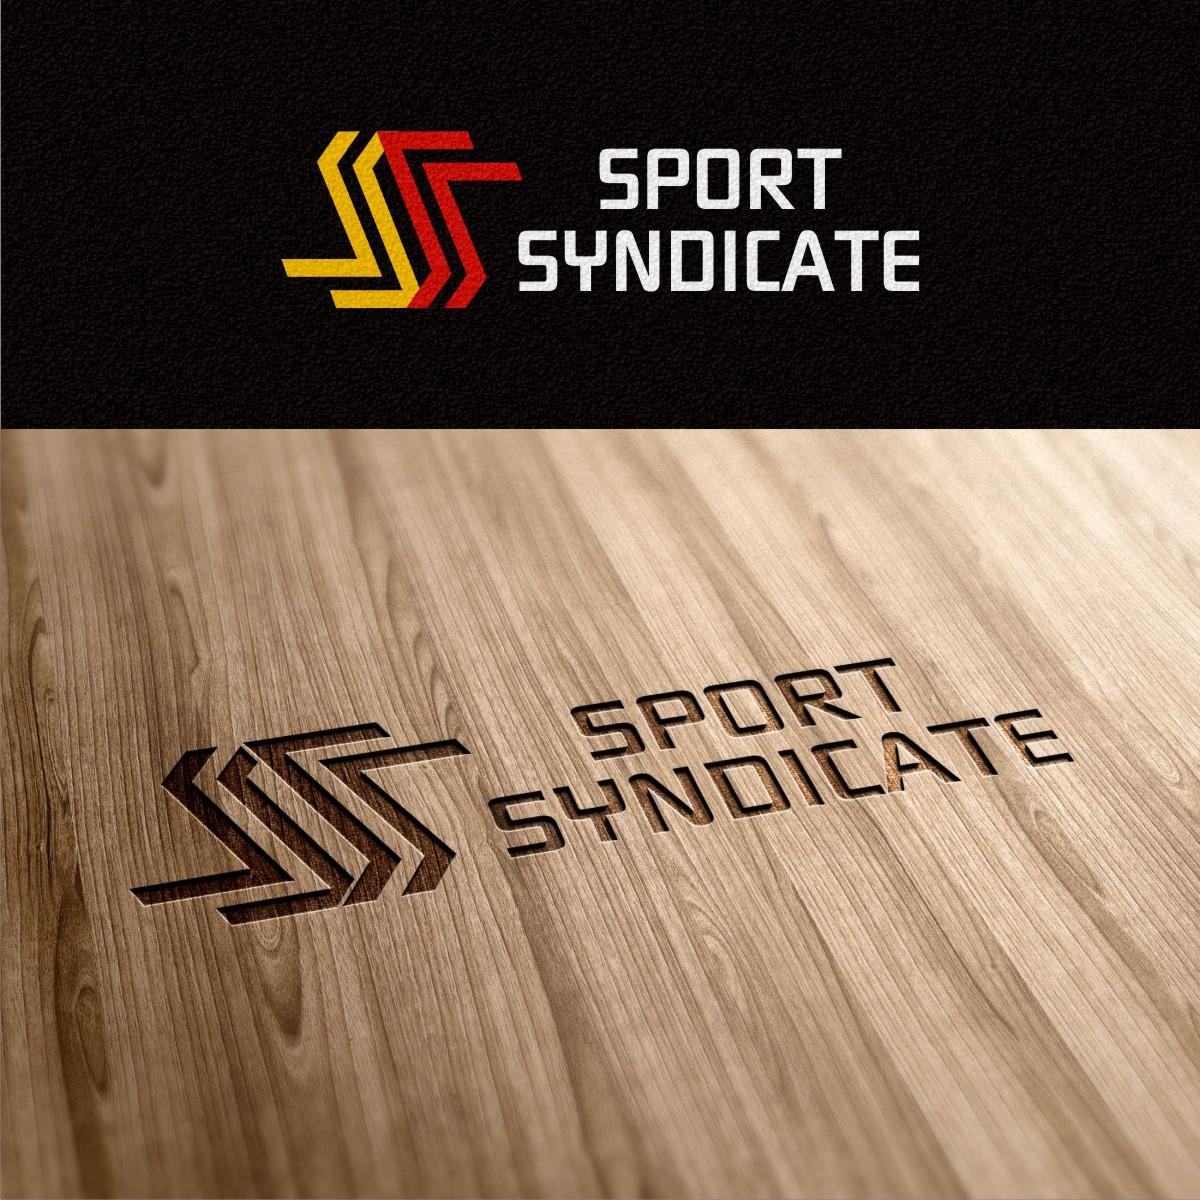 Создать логотип для сети магазинов спортивного питания фото f_3285977bfd8a7638.jpg